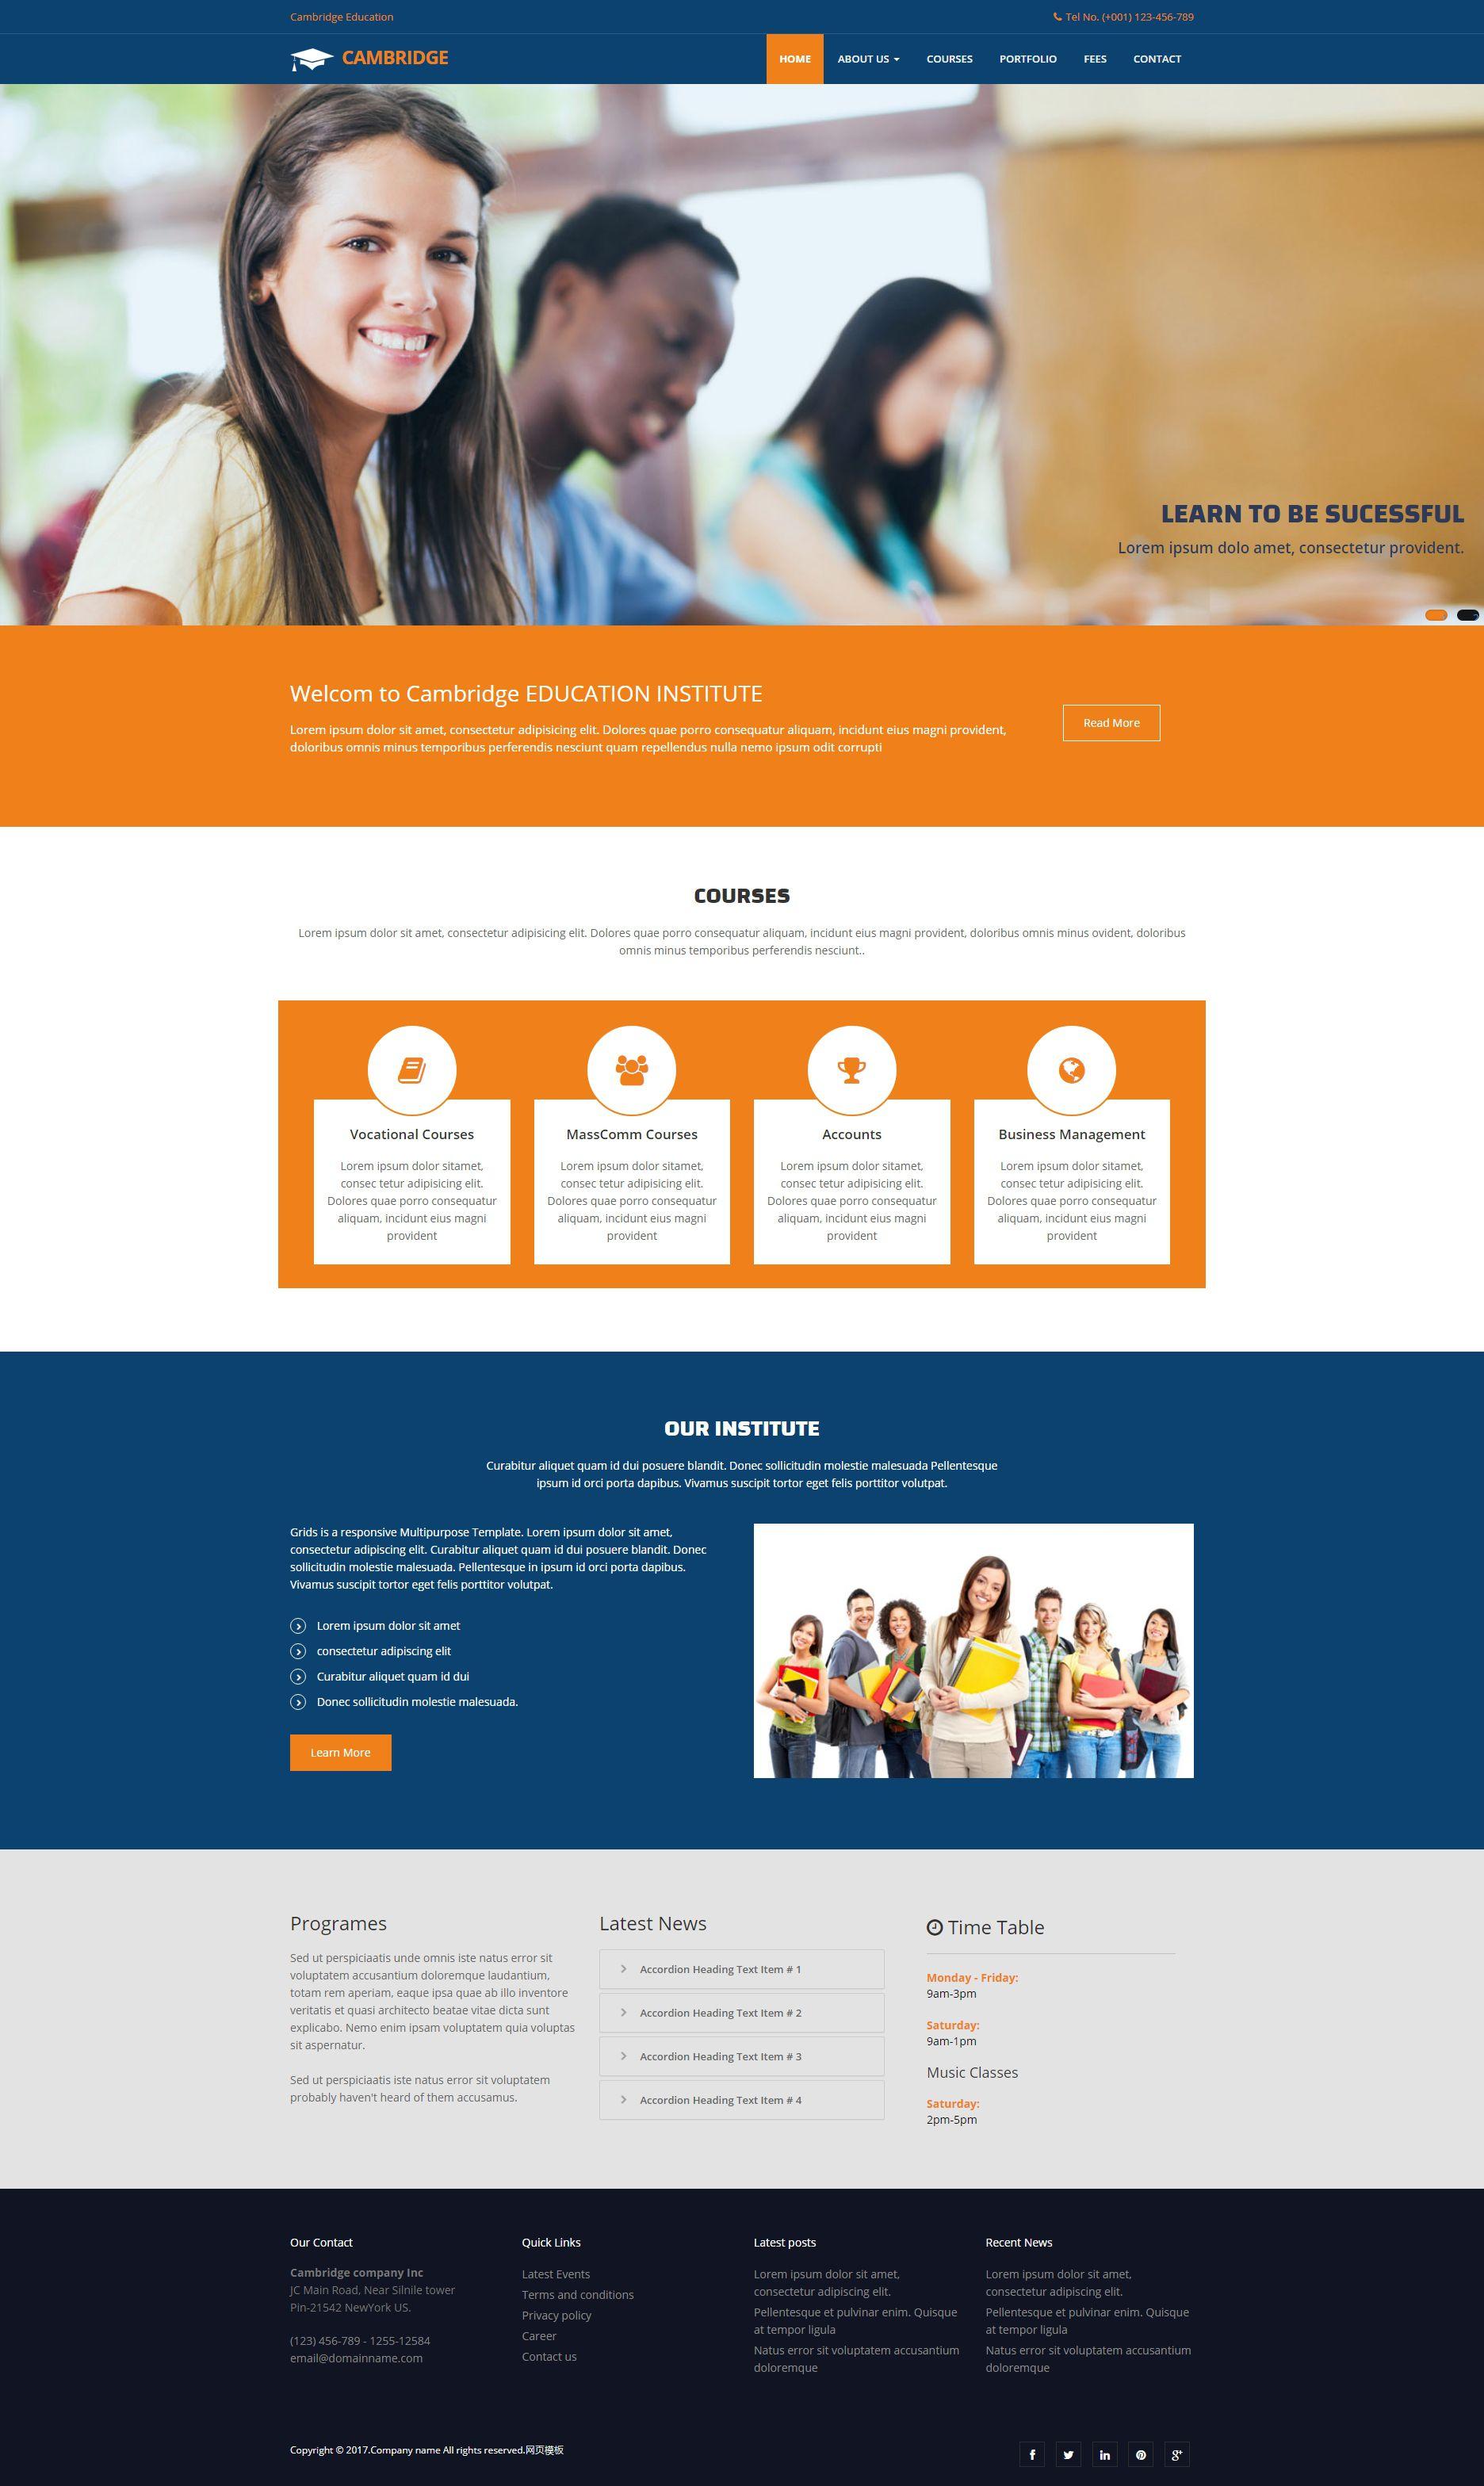 实用的大学教育学校网站模板html下载